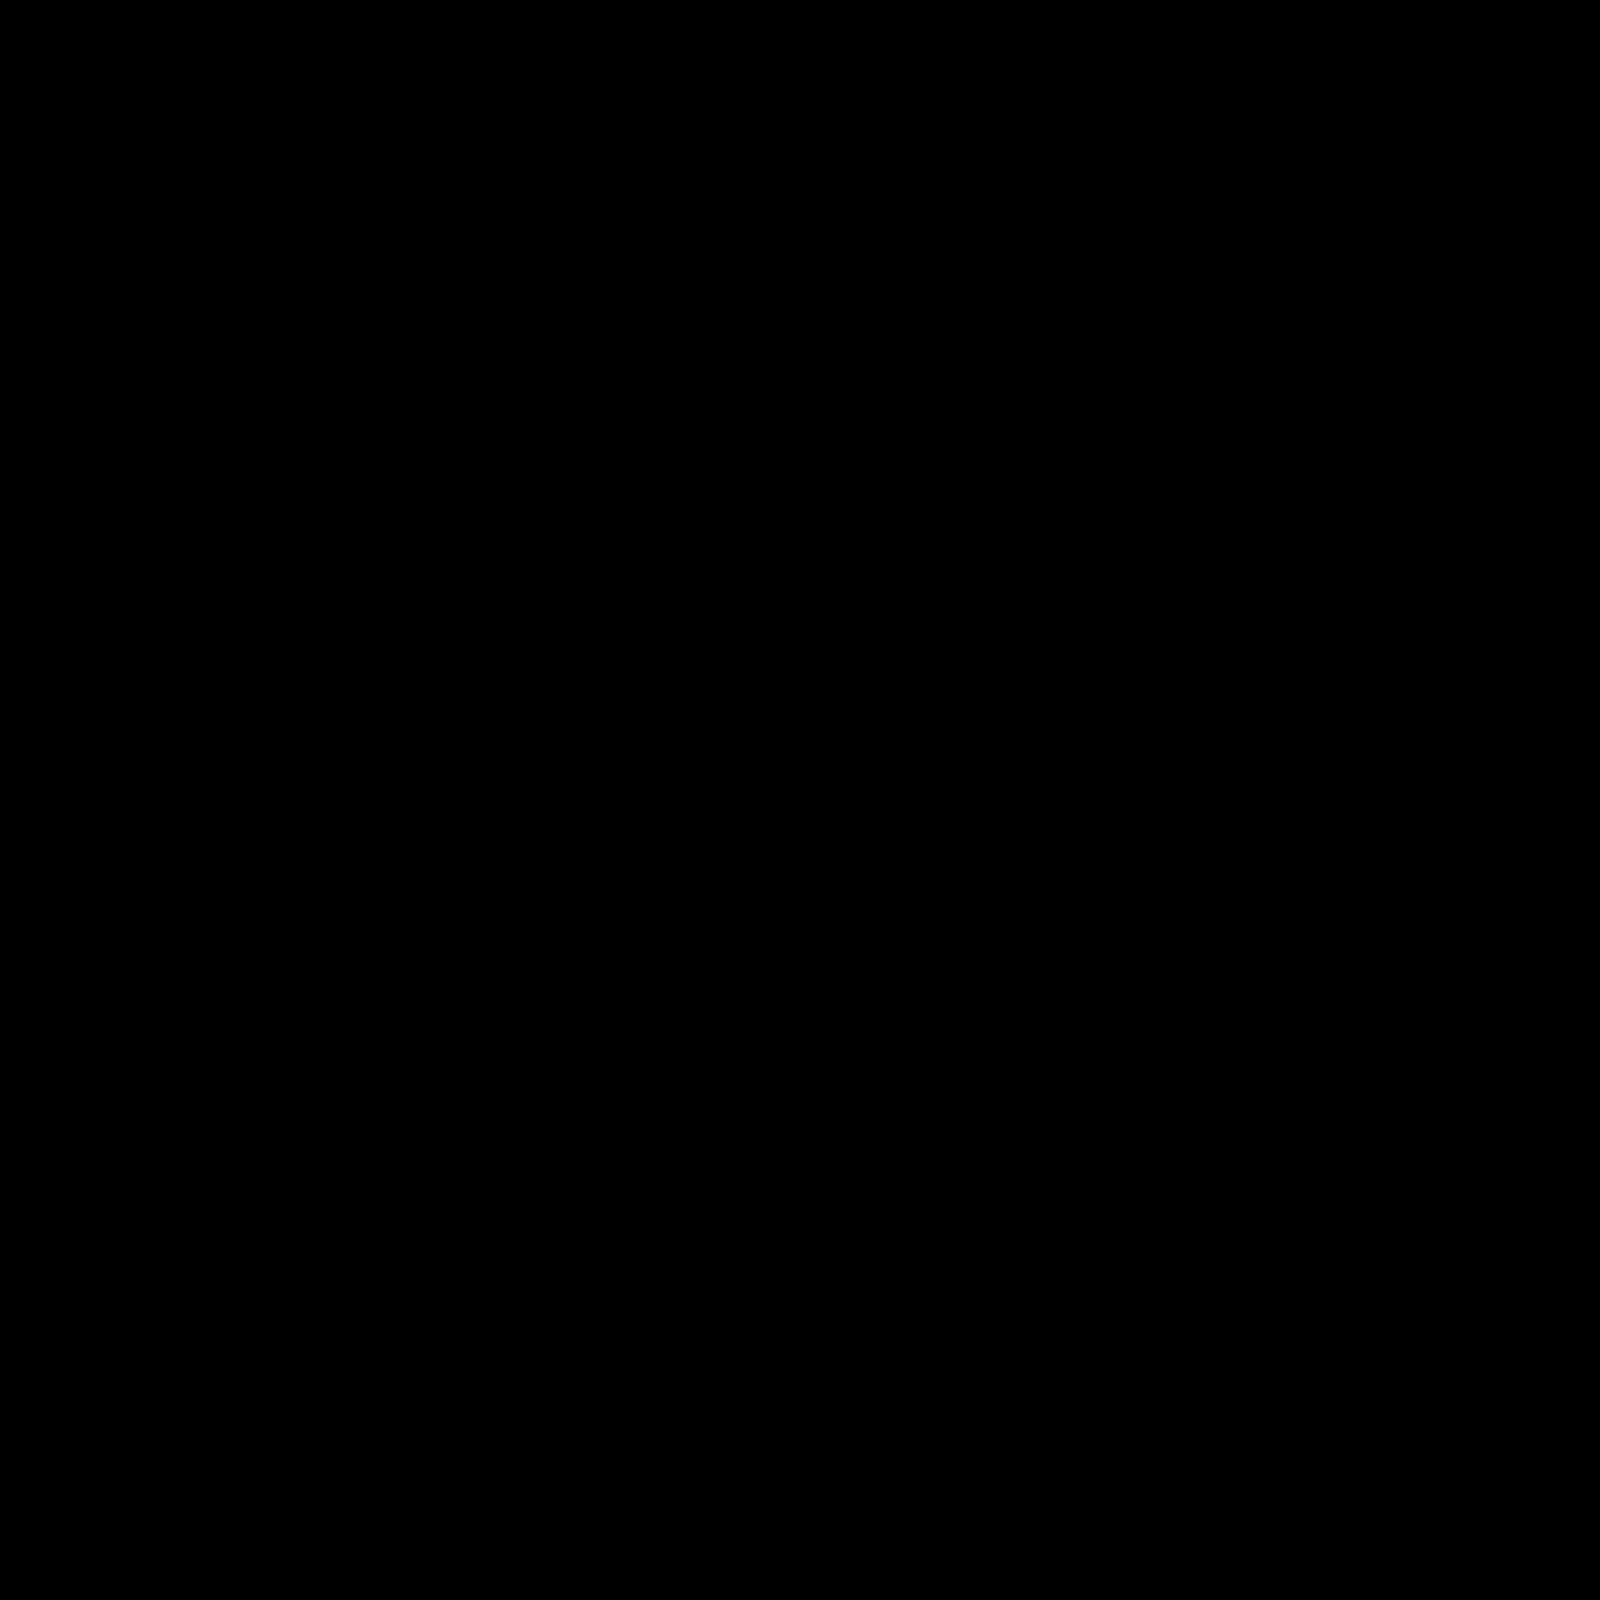 Roman Helmet icon